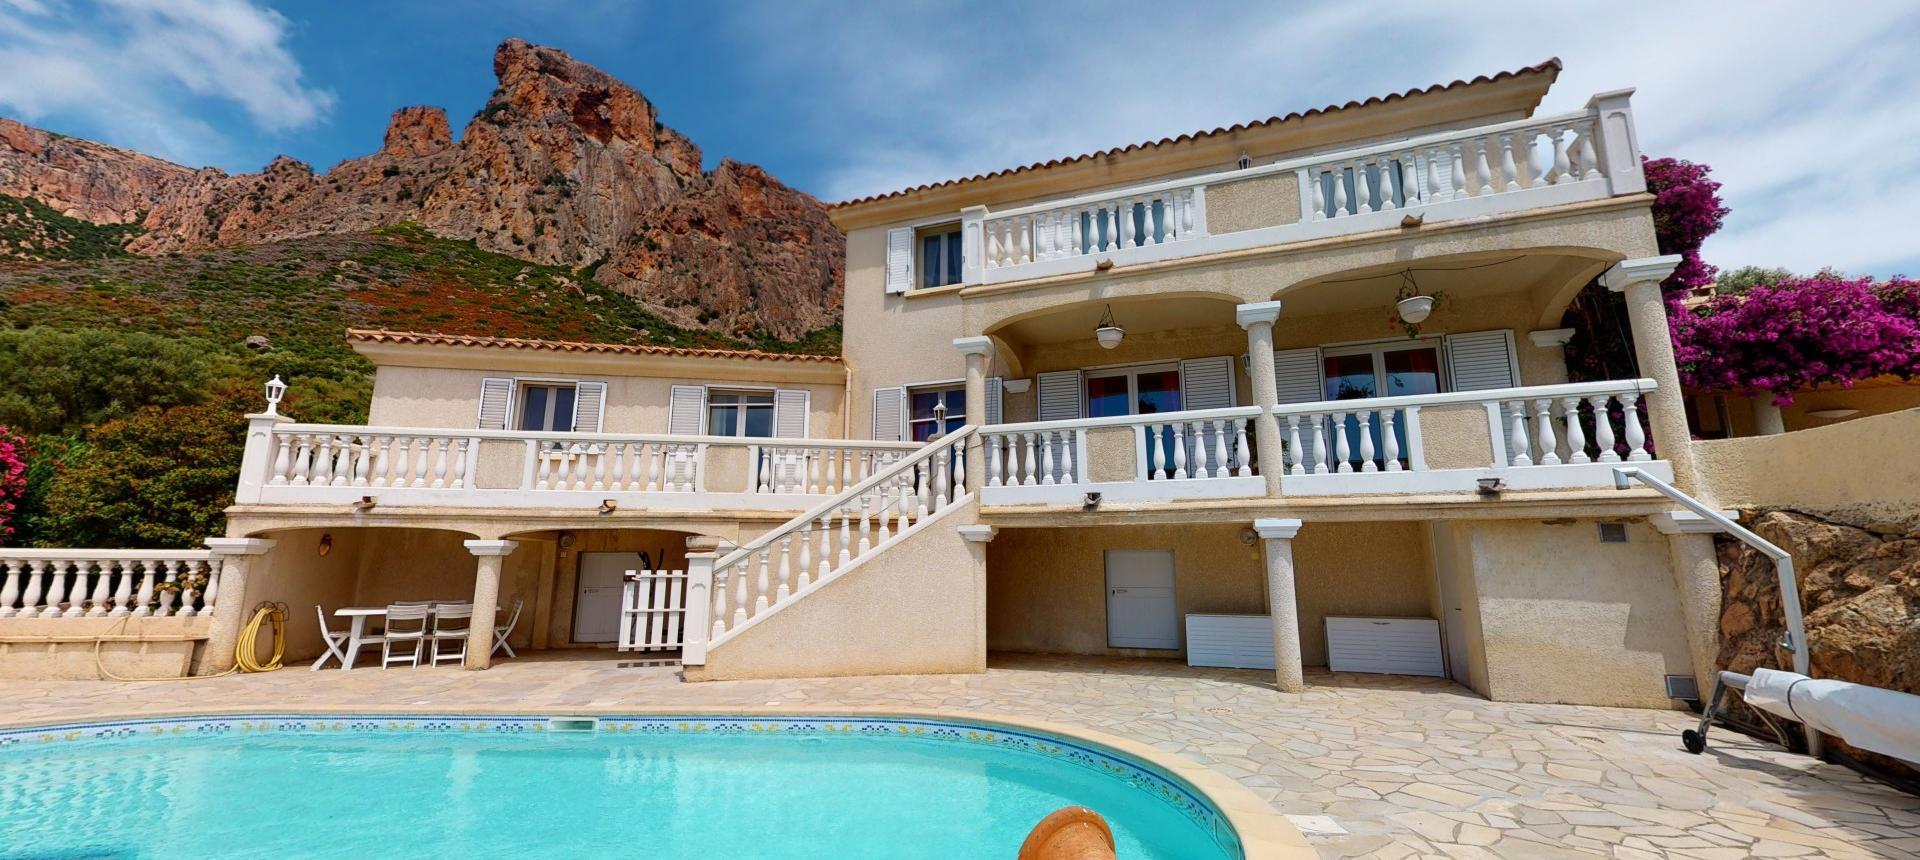 A vendre villa avec vue dégagée proche Ajaccio - AFA - VUE D'ENSEMBLE